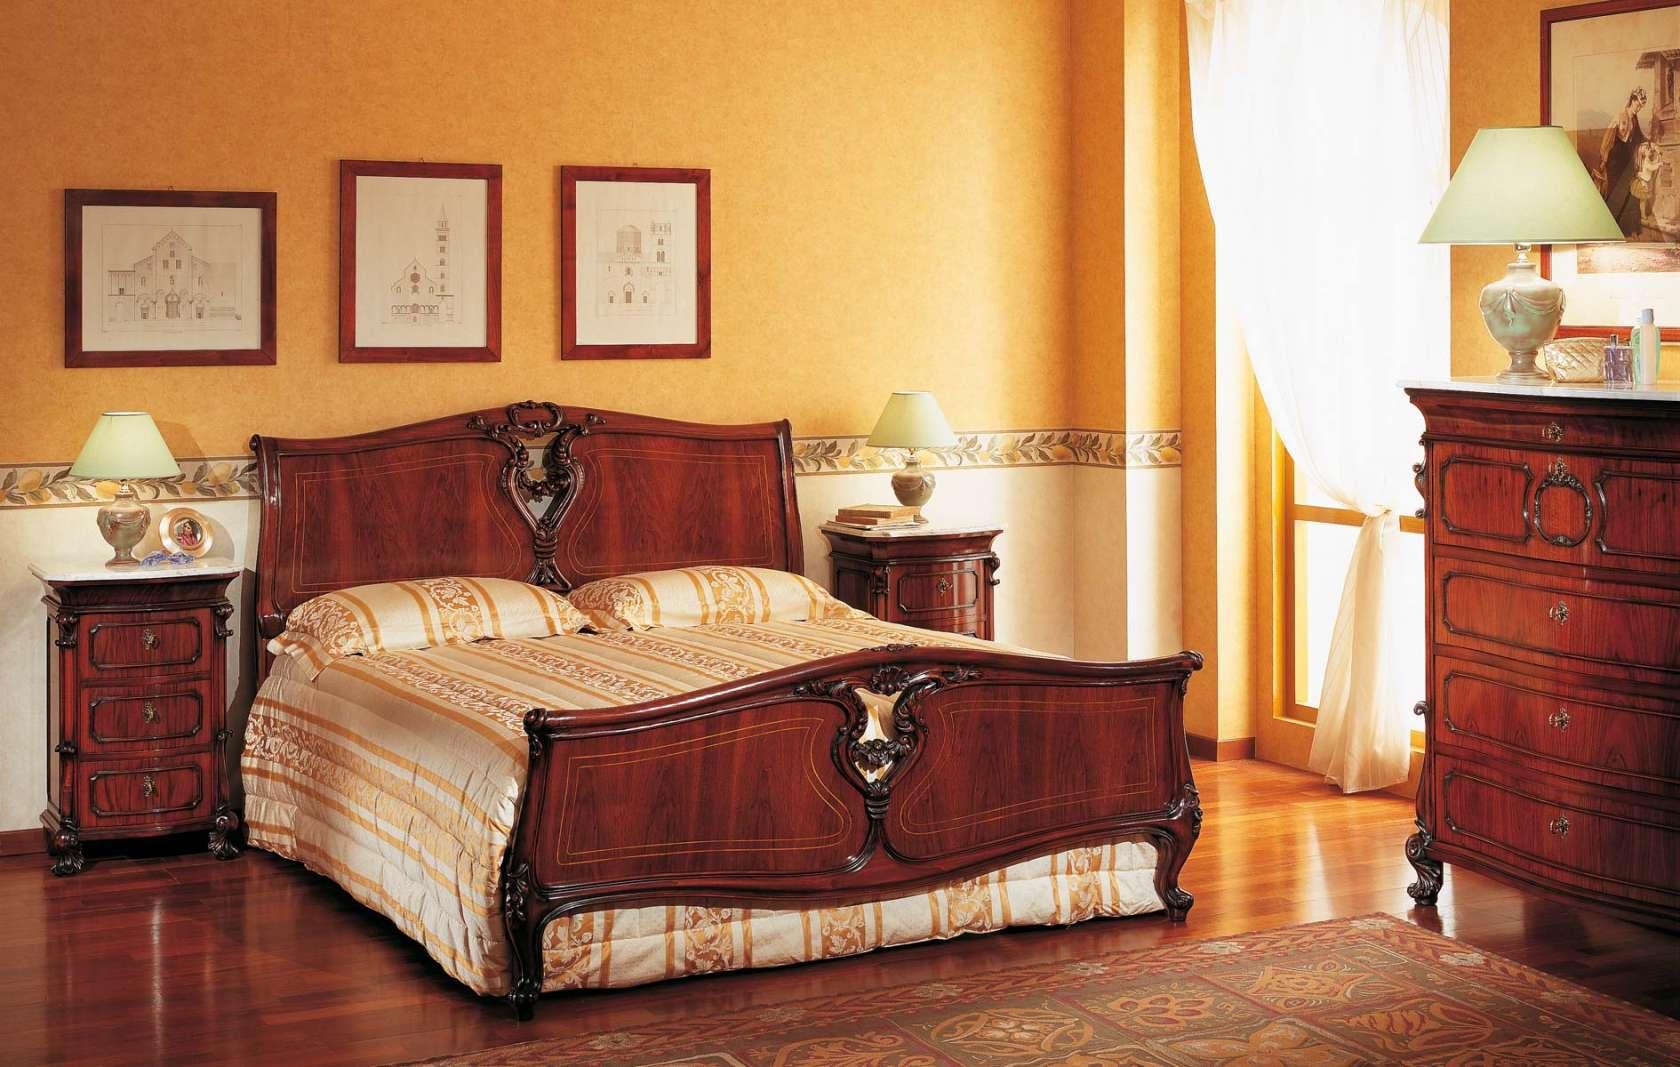 camera classica 700 siciliano vimercati meda